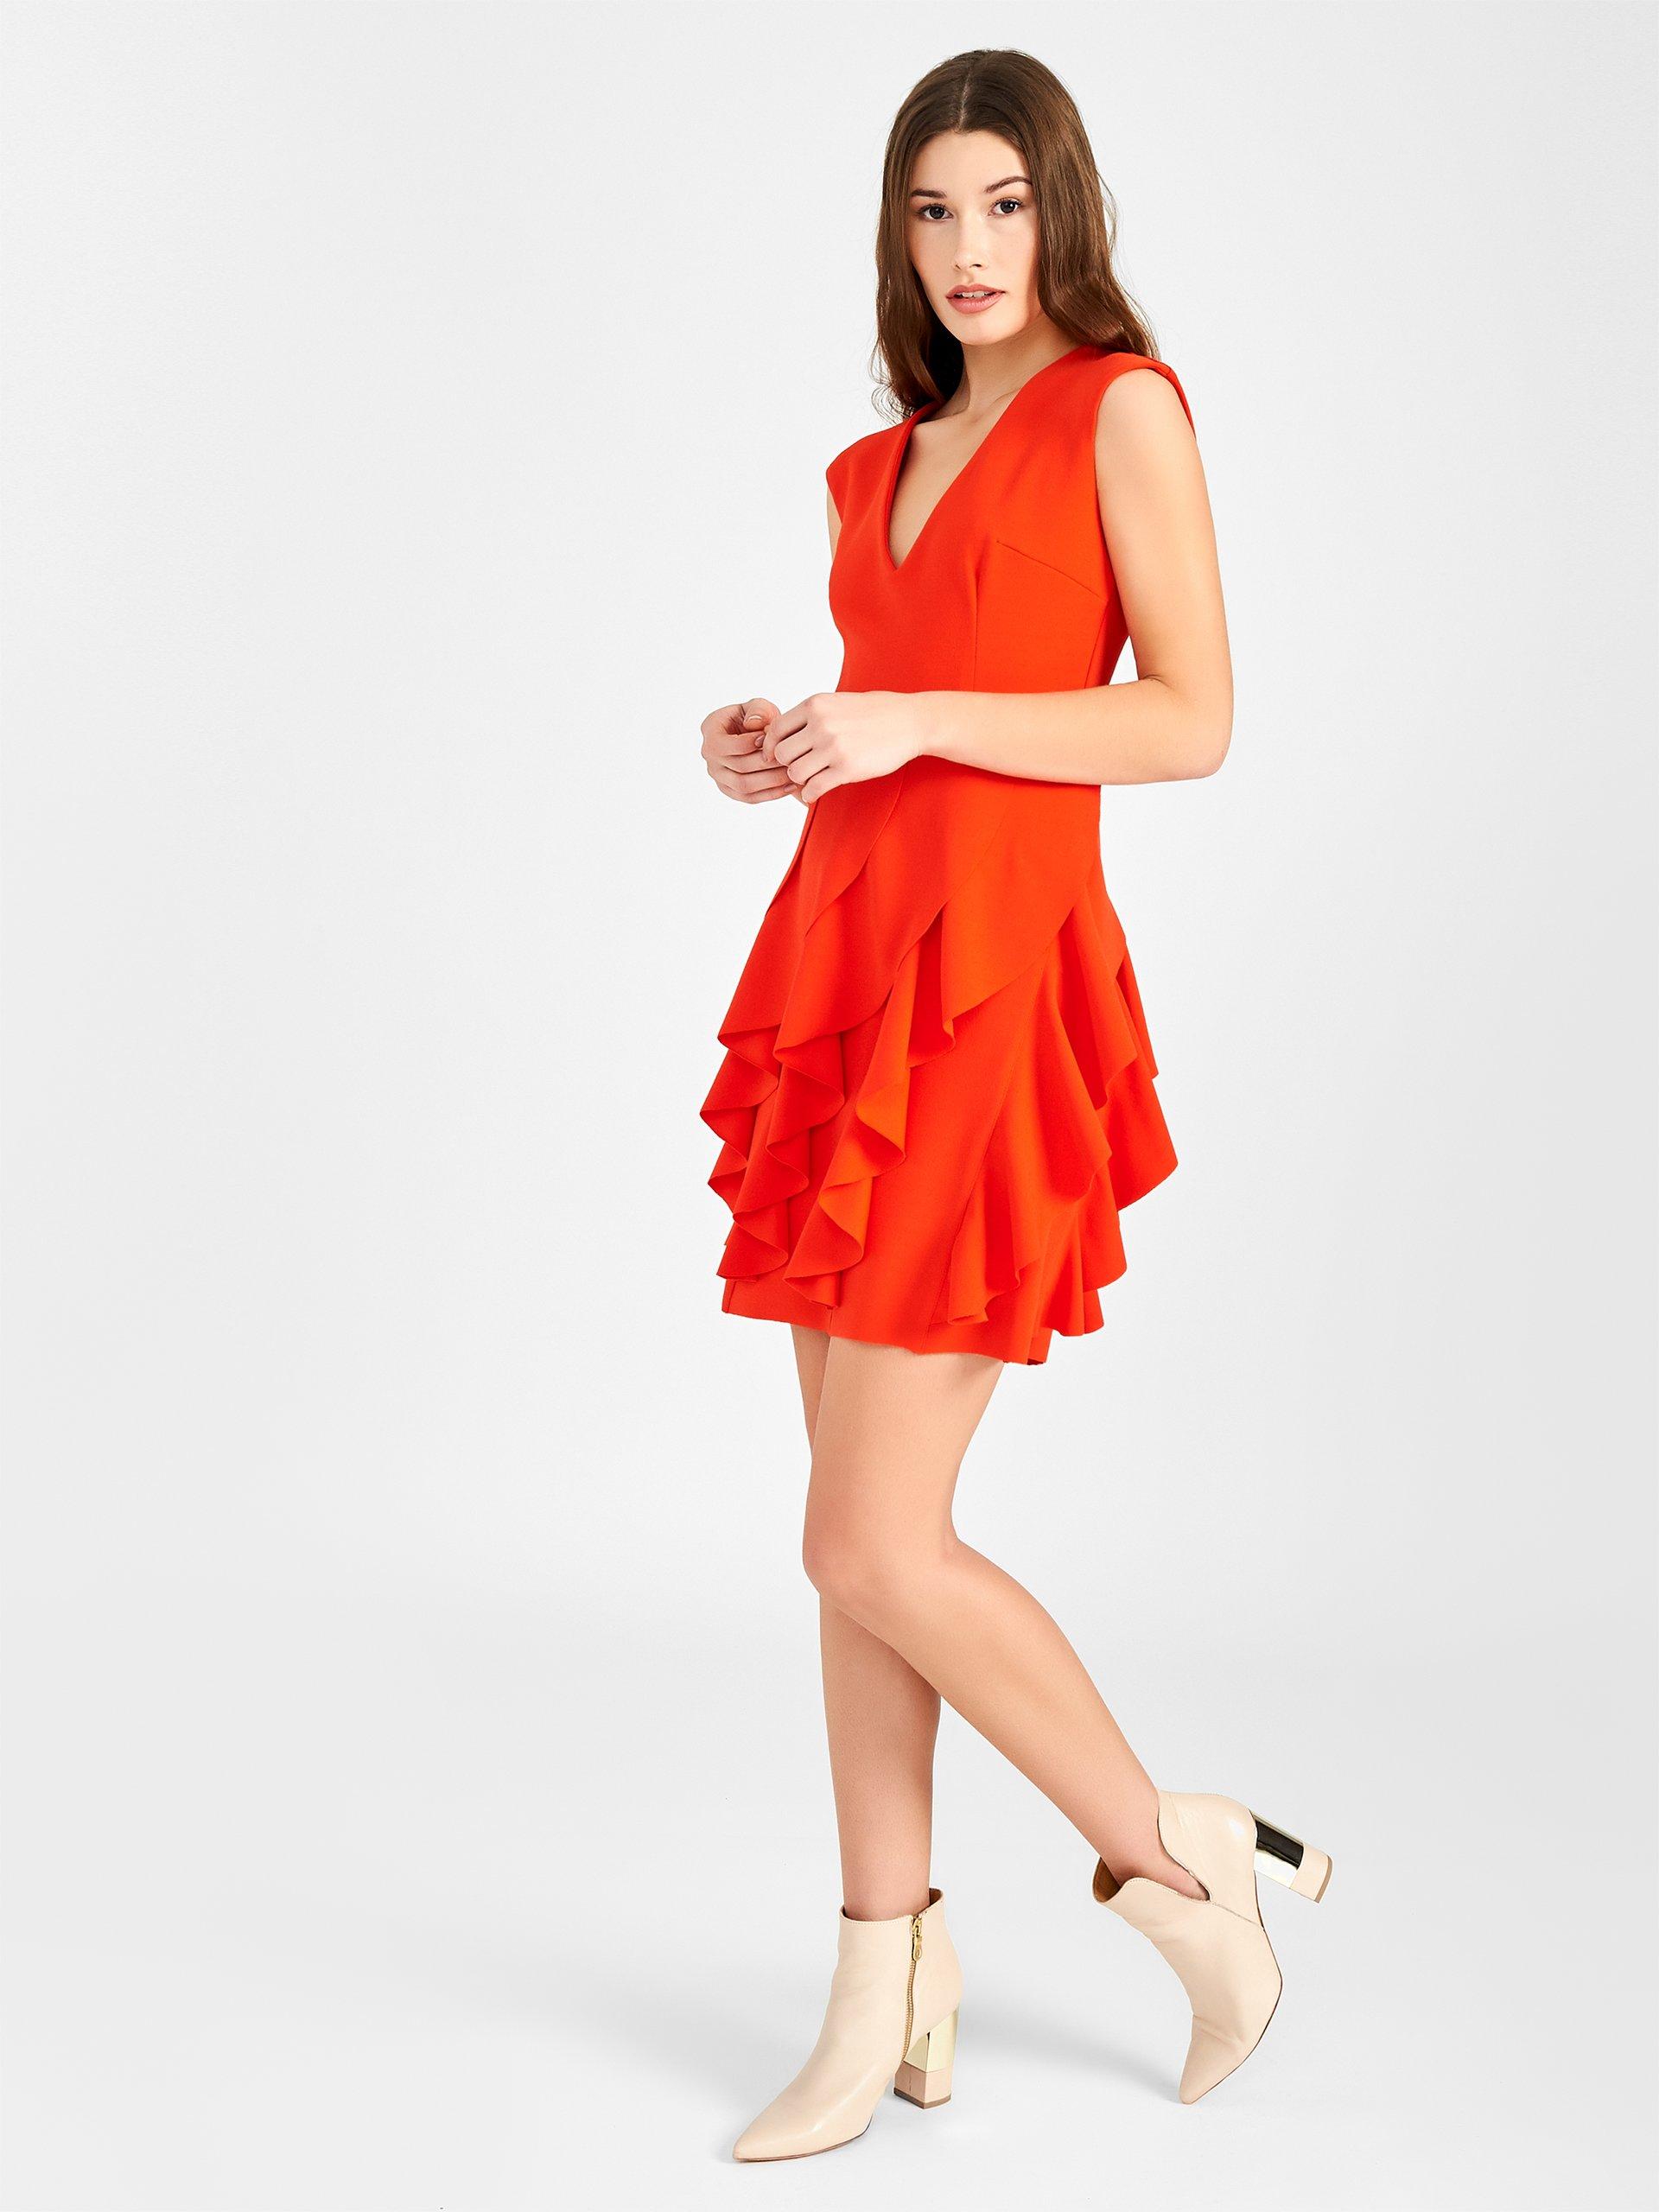 Vestito corto arancione con gonna con rouches Rinascimento prezzo 99 euro estate 2019